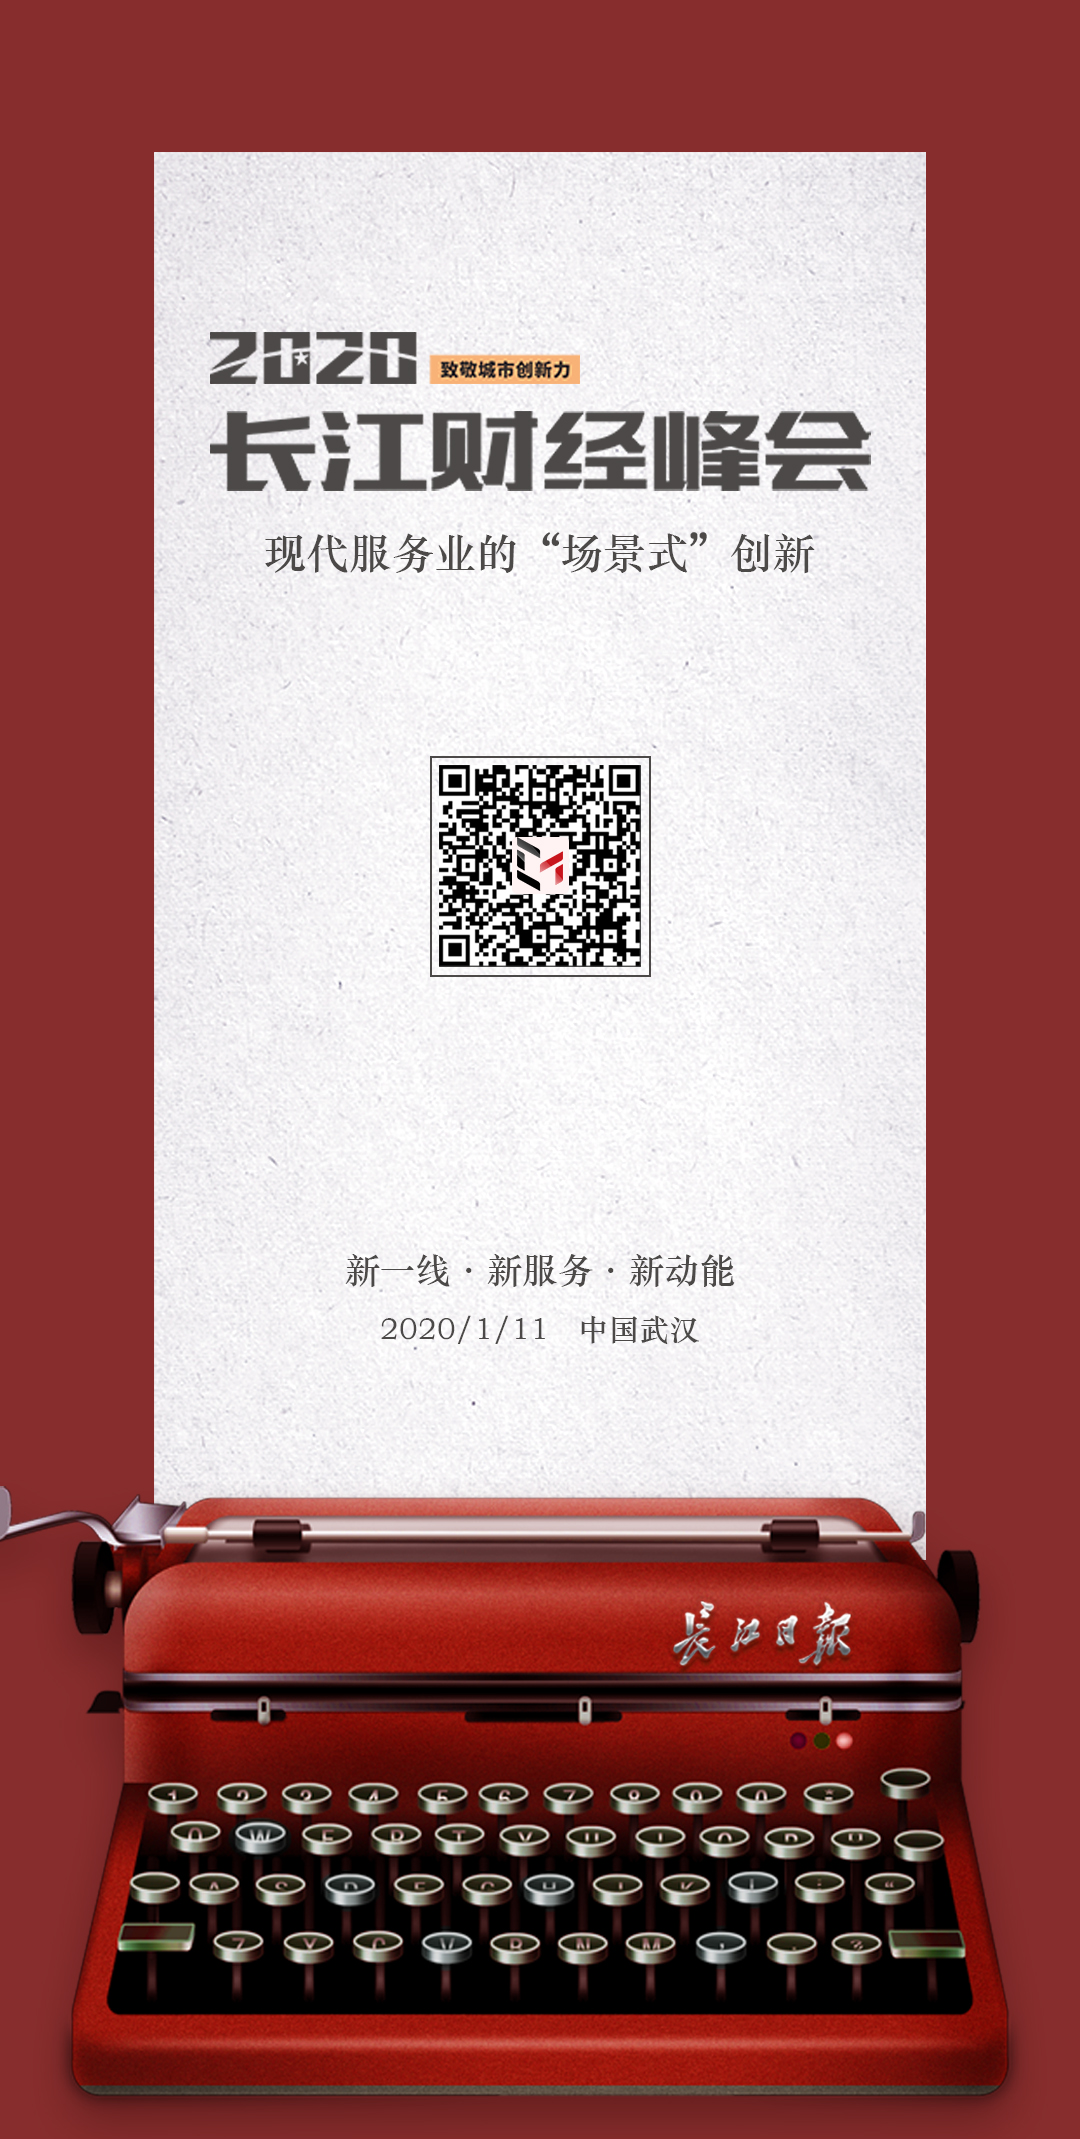 2020年长江财经峰会,诚邀您拔冗出席,共迎2020年服务业发展新机遇!